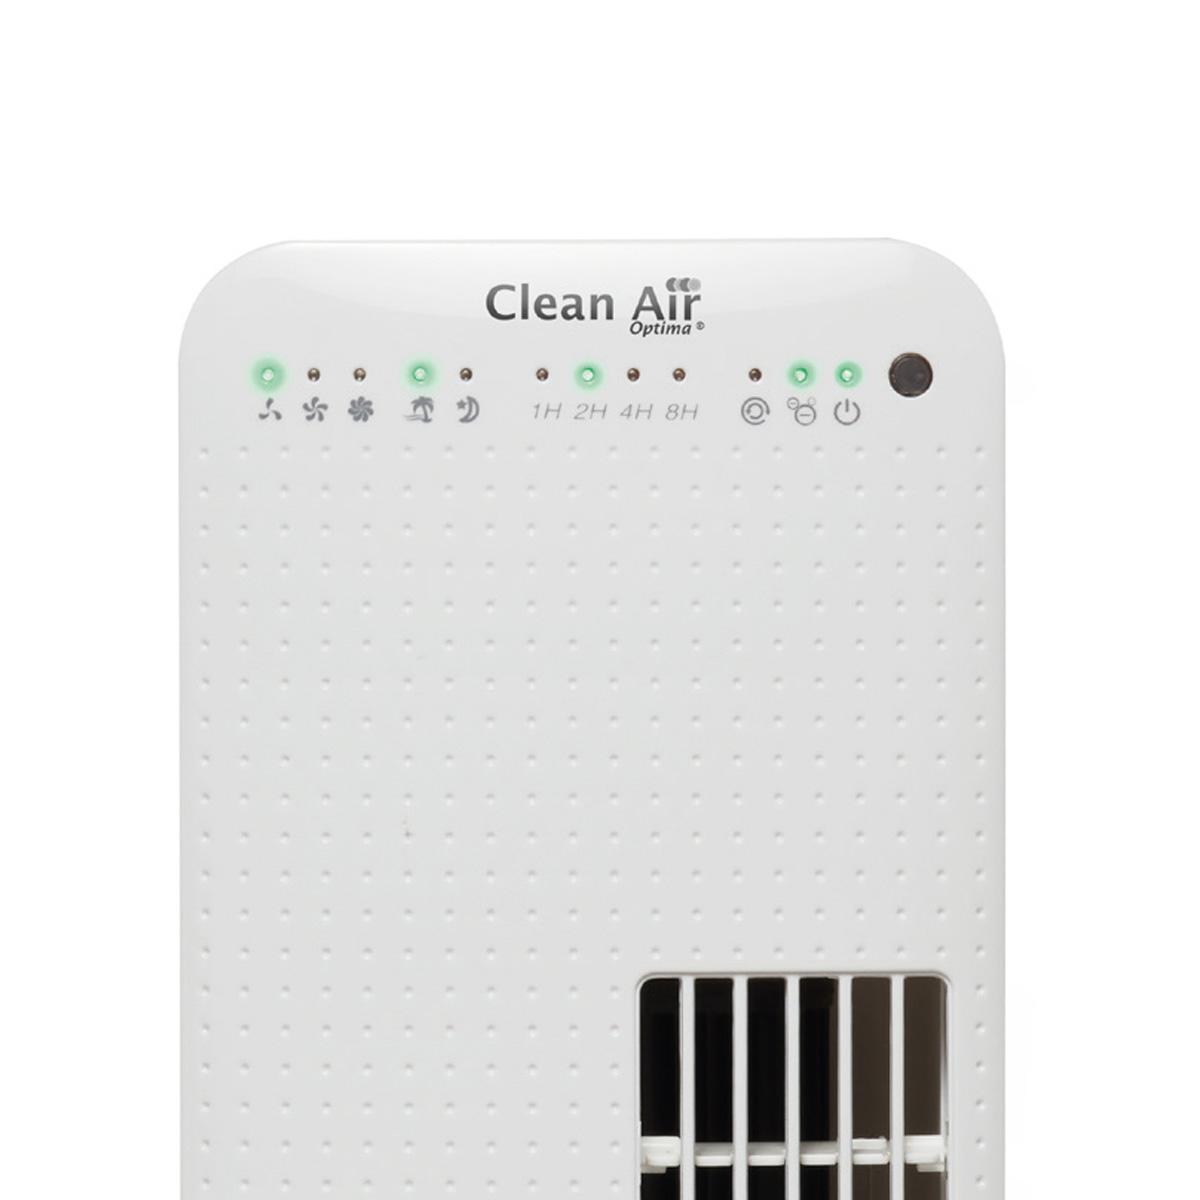 Indicadores luminisos del ventilador de pie Clean Air Optima CA-405